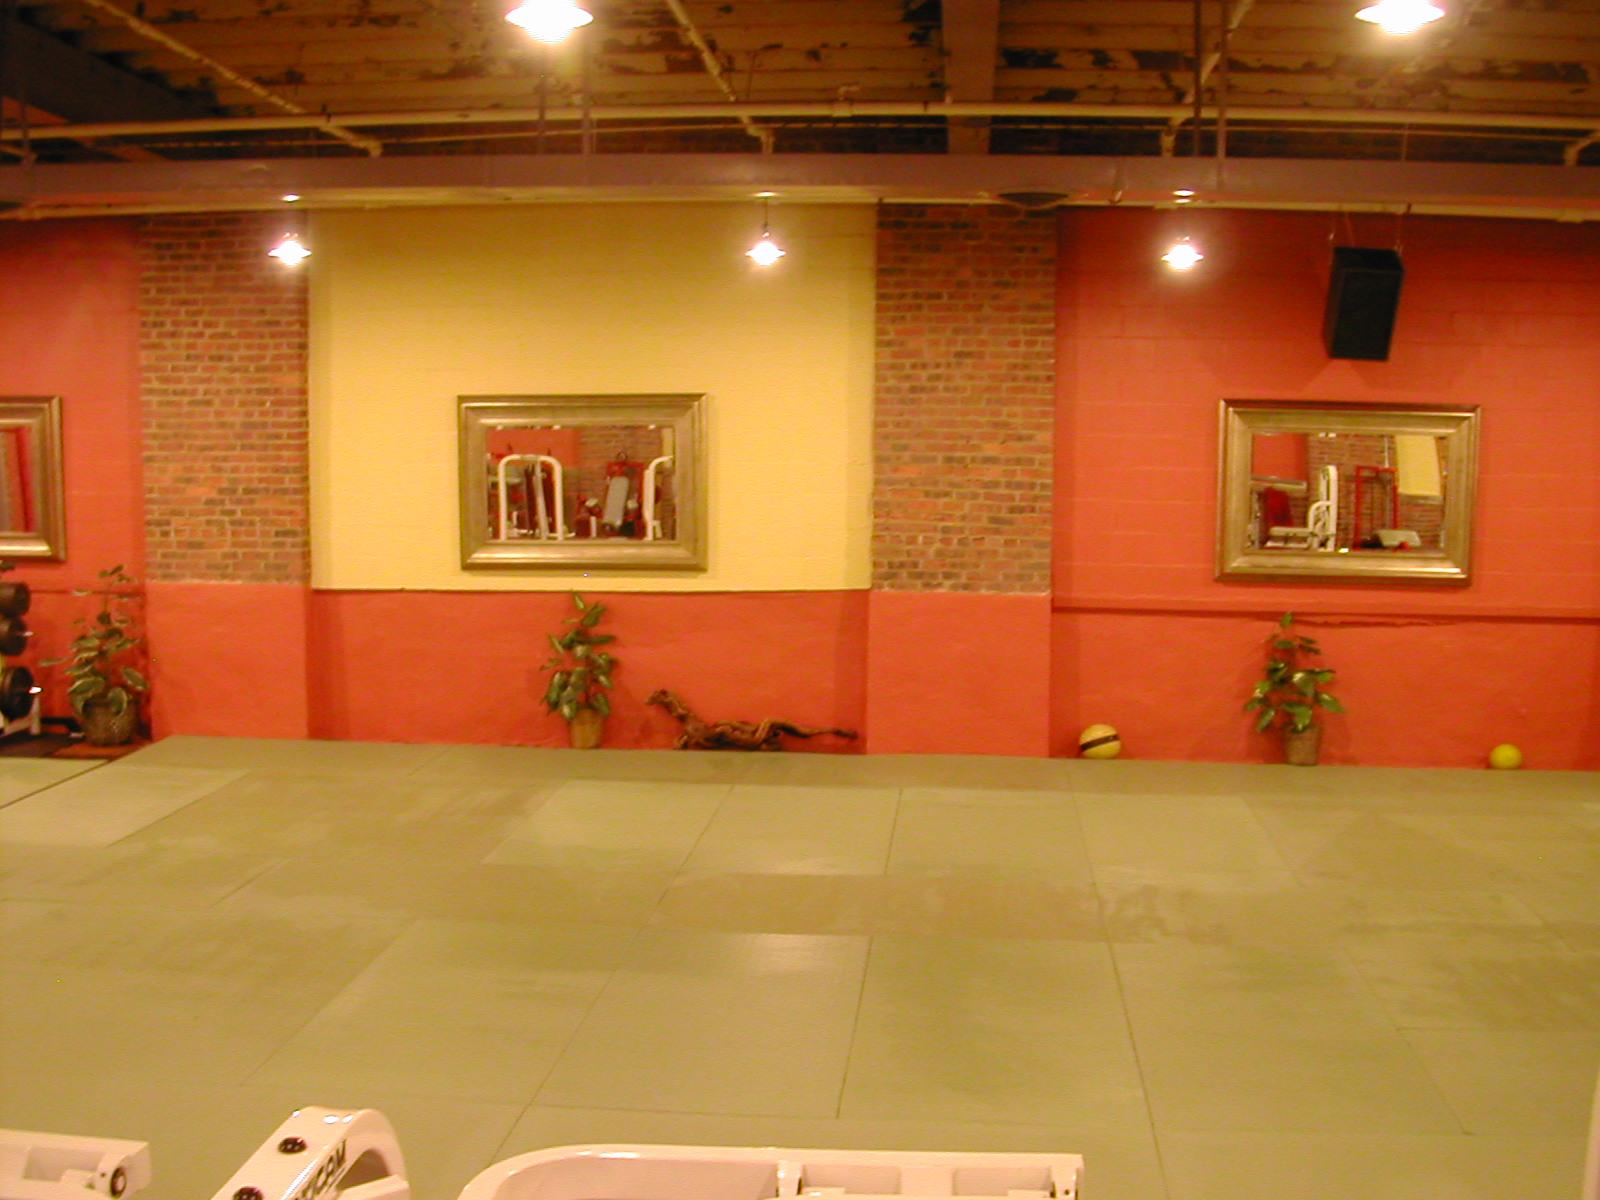 Aiki_3_months_and_Gym_2nd_floor_0104_124 (2)